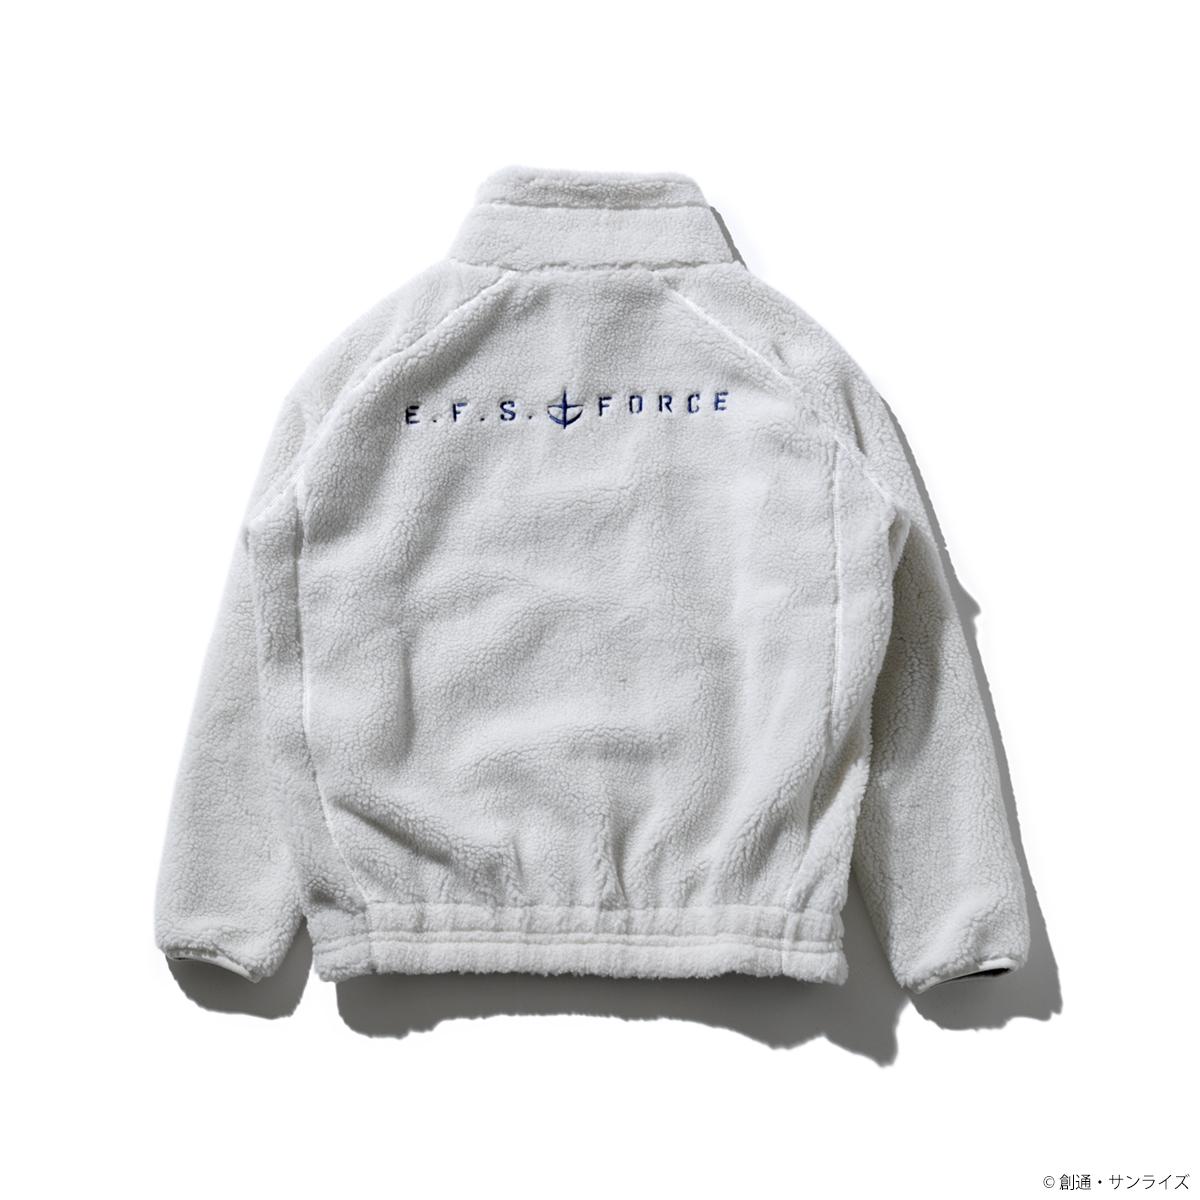 STRICT-G 『機動戦士ガンダム』ボアフリースジャケット E.F.S.F.モデル